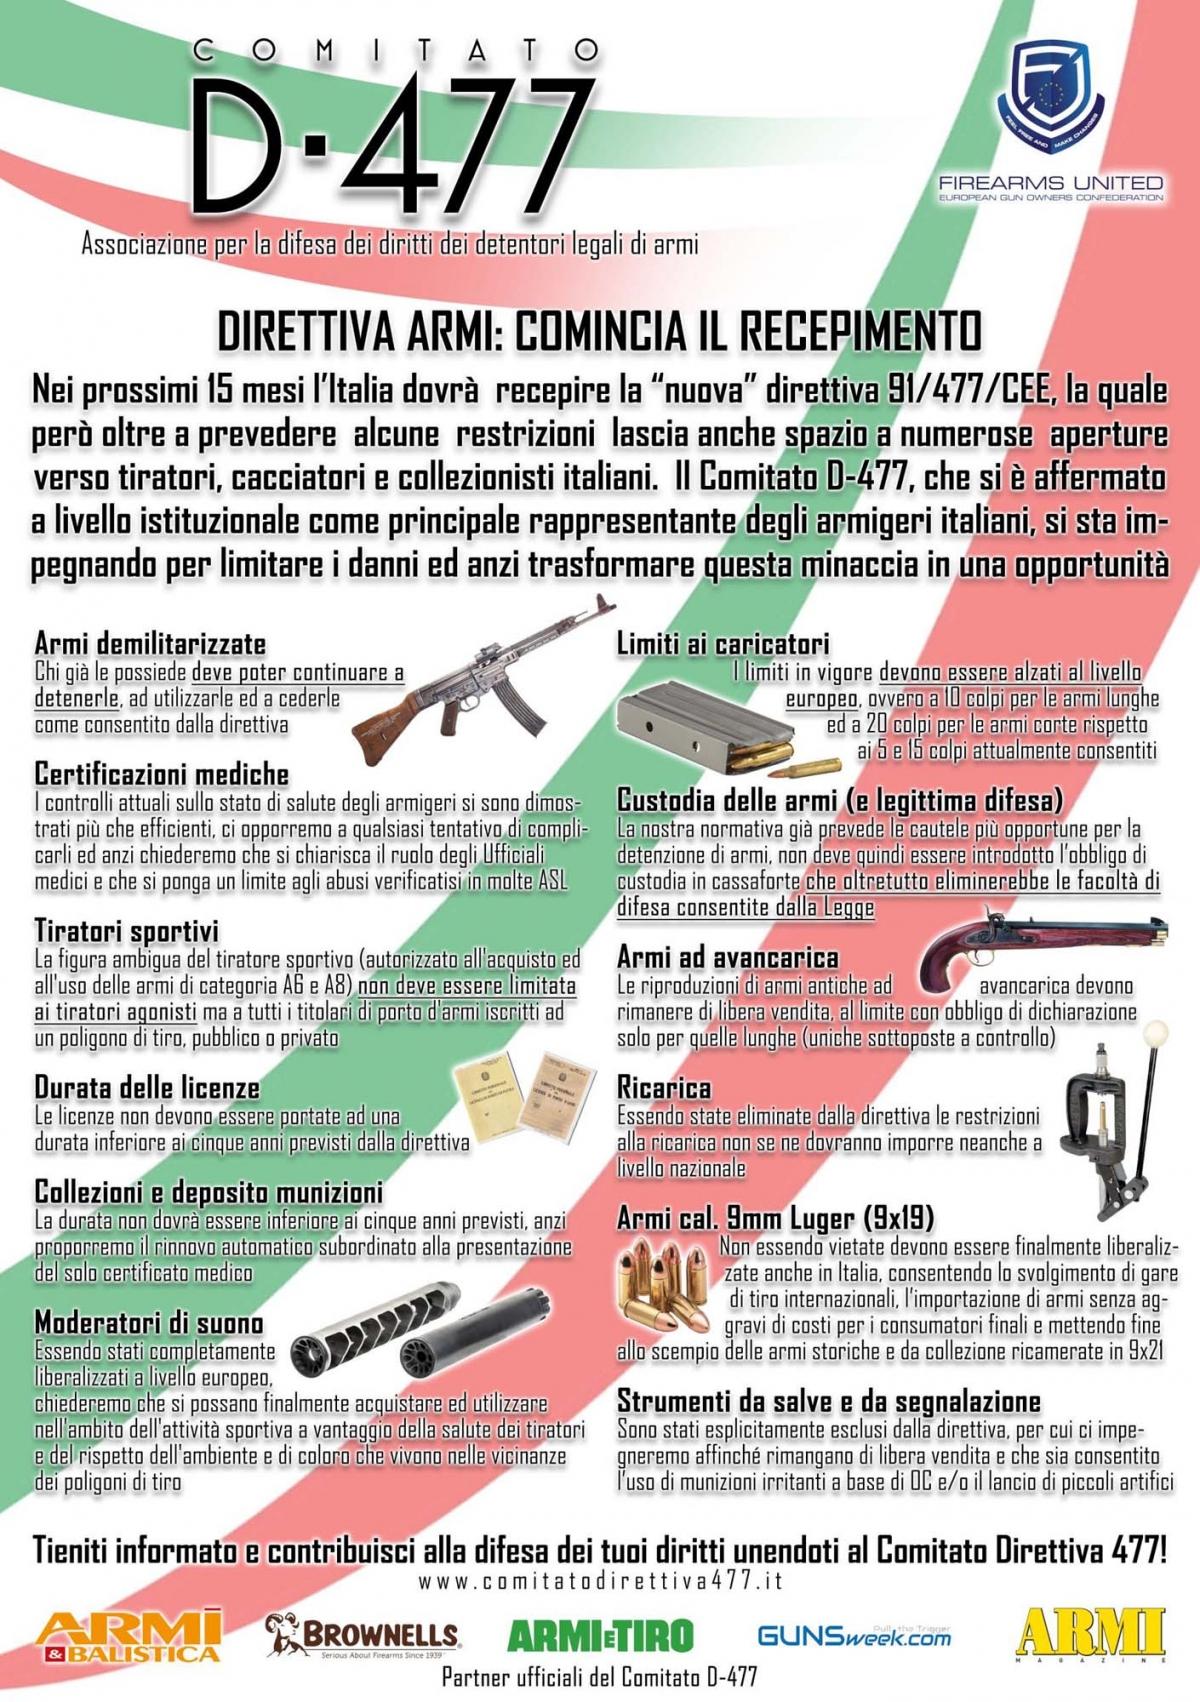 Il comparto armiero italiano unito a sostegno del Comitato Direttiva 477